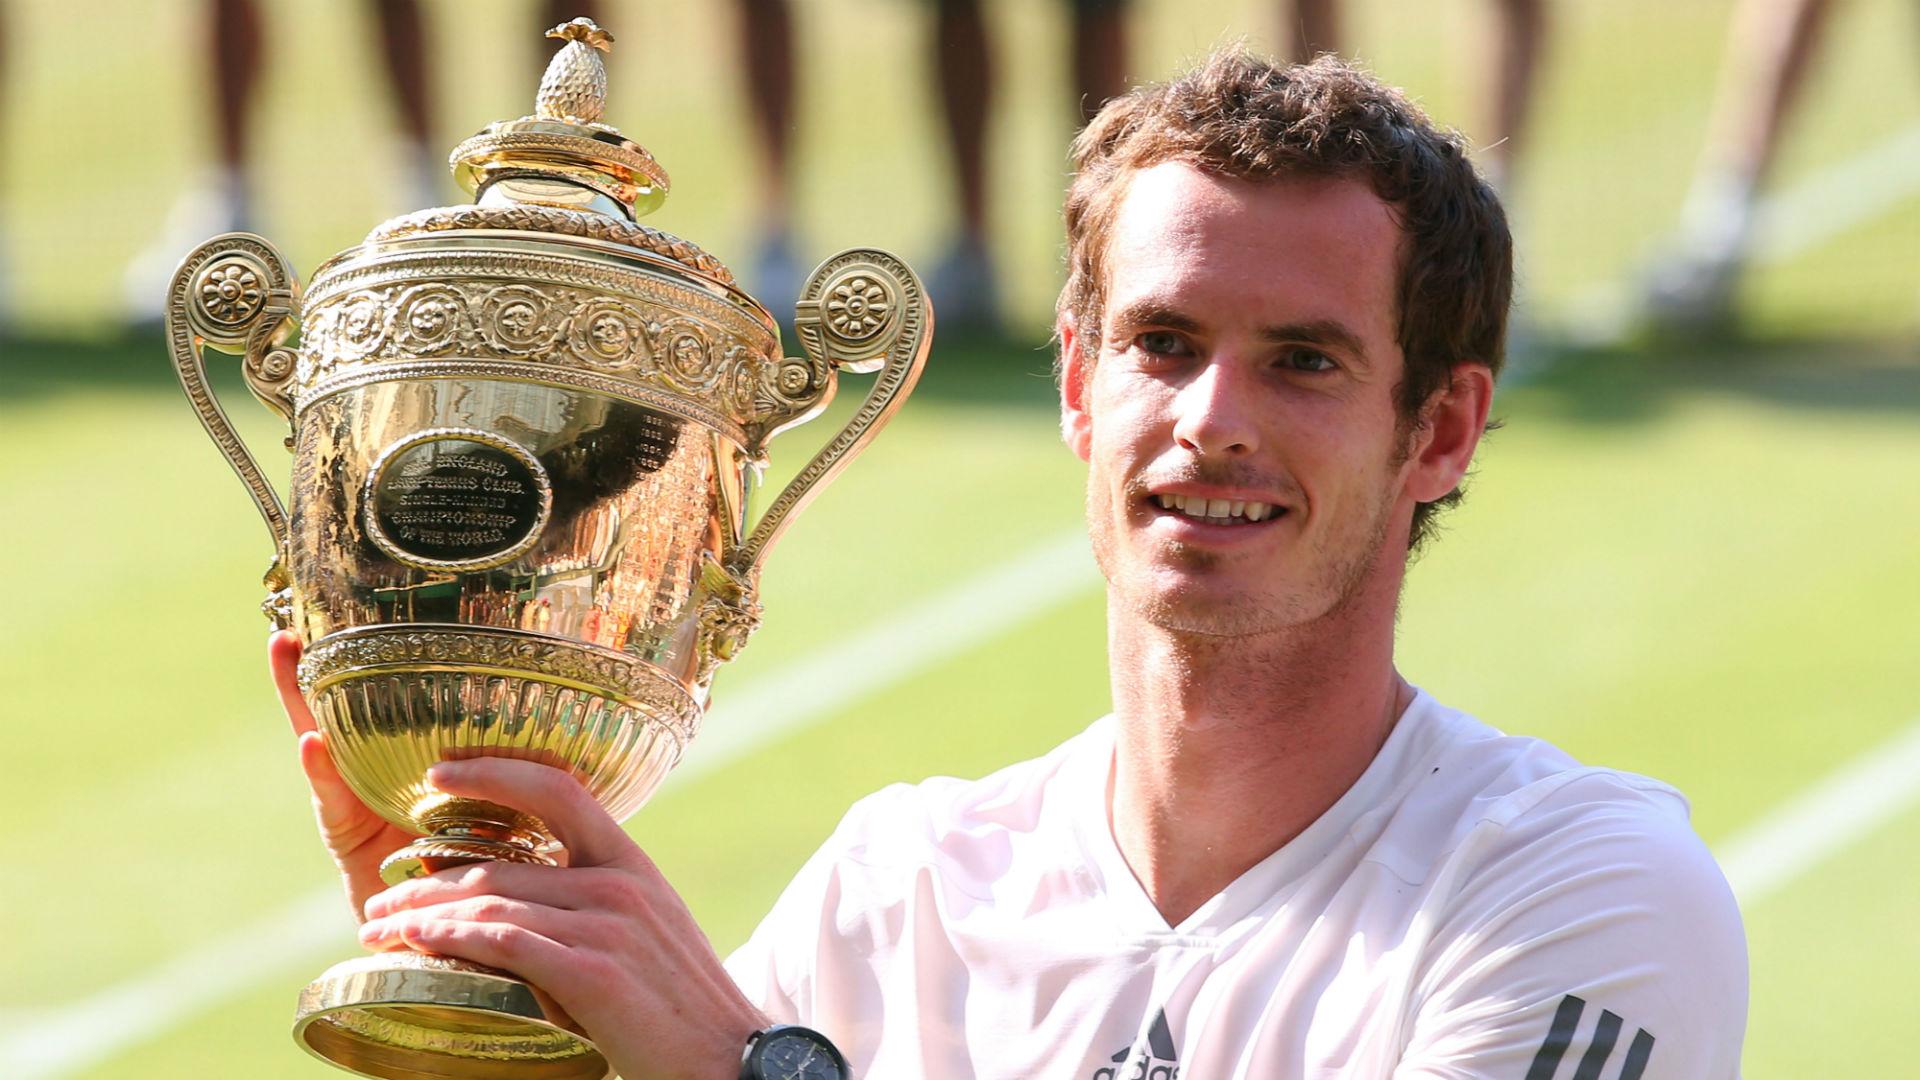 Wimbledon planning statue for retiring Murray